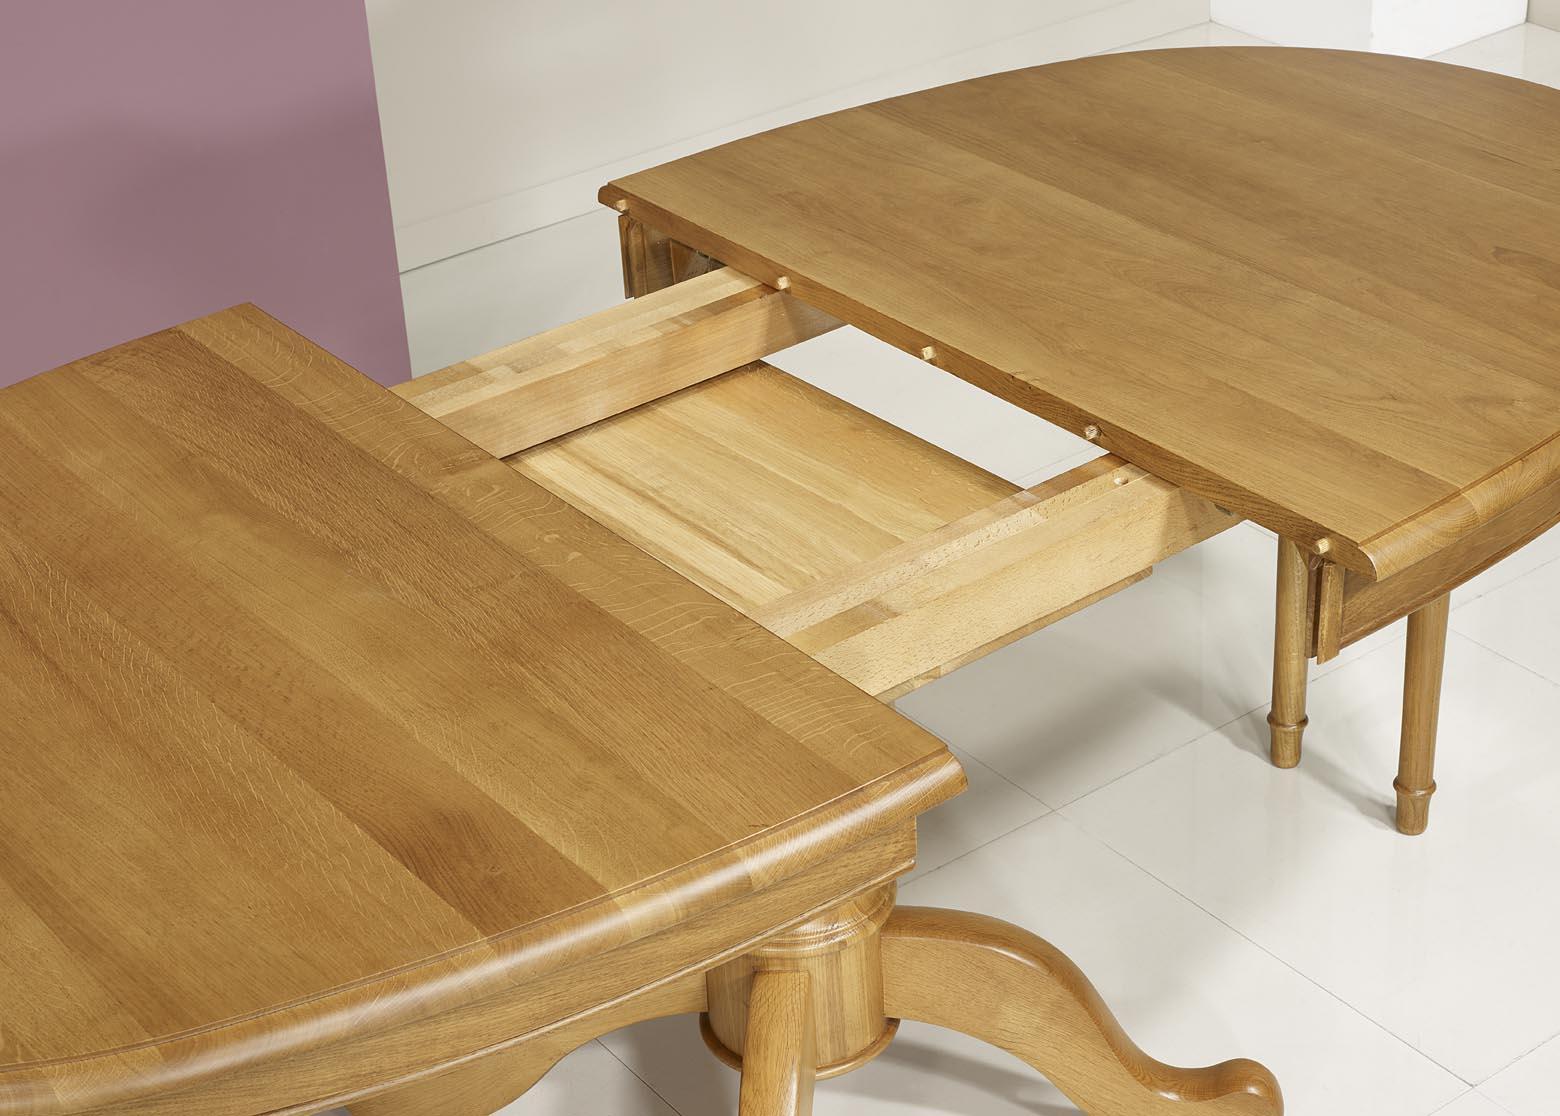 Table ovale 170x100 en ch ne massif de style louis for Table ovale chene massif